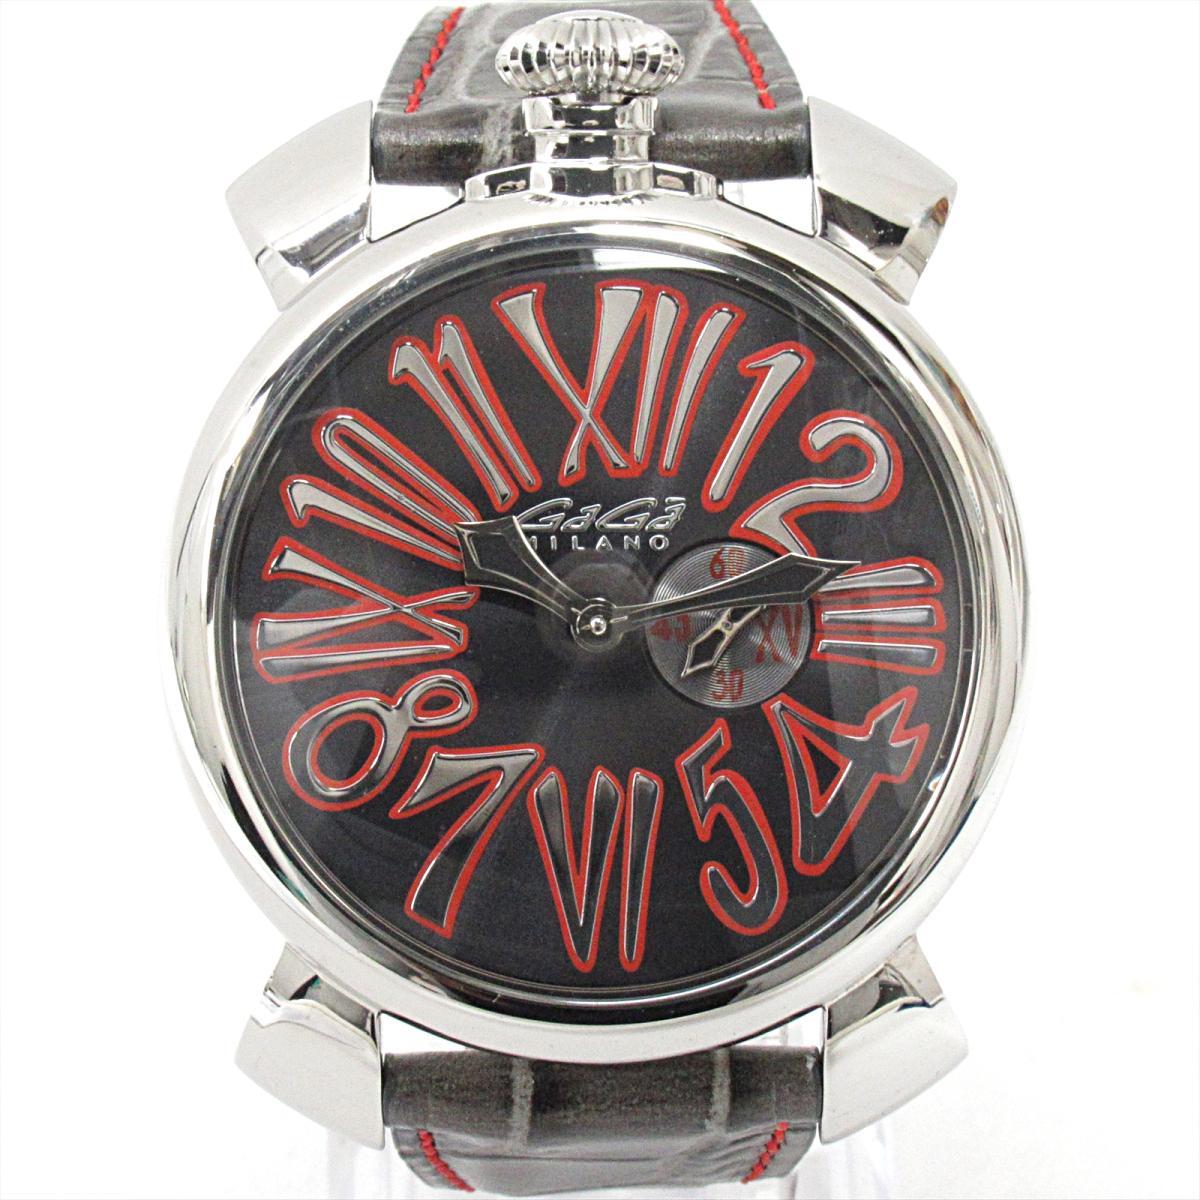 【中古】 ガガミラノ マヌアーレスリム46 腕時計 ウォッチ メンズ ステンレススチール (SS) x レザーベルト (5084.2) | GaGa MILANO クオーツ クォーツ 時計 マヌアーレスリム46 美品 ブランドオフ